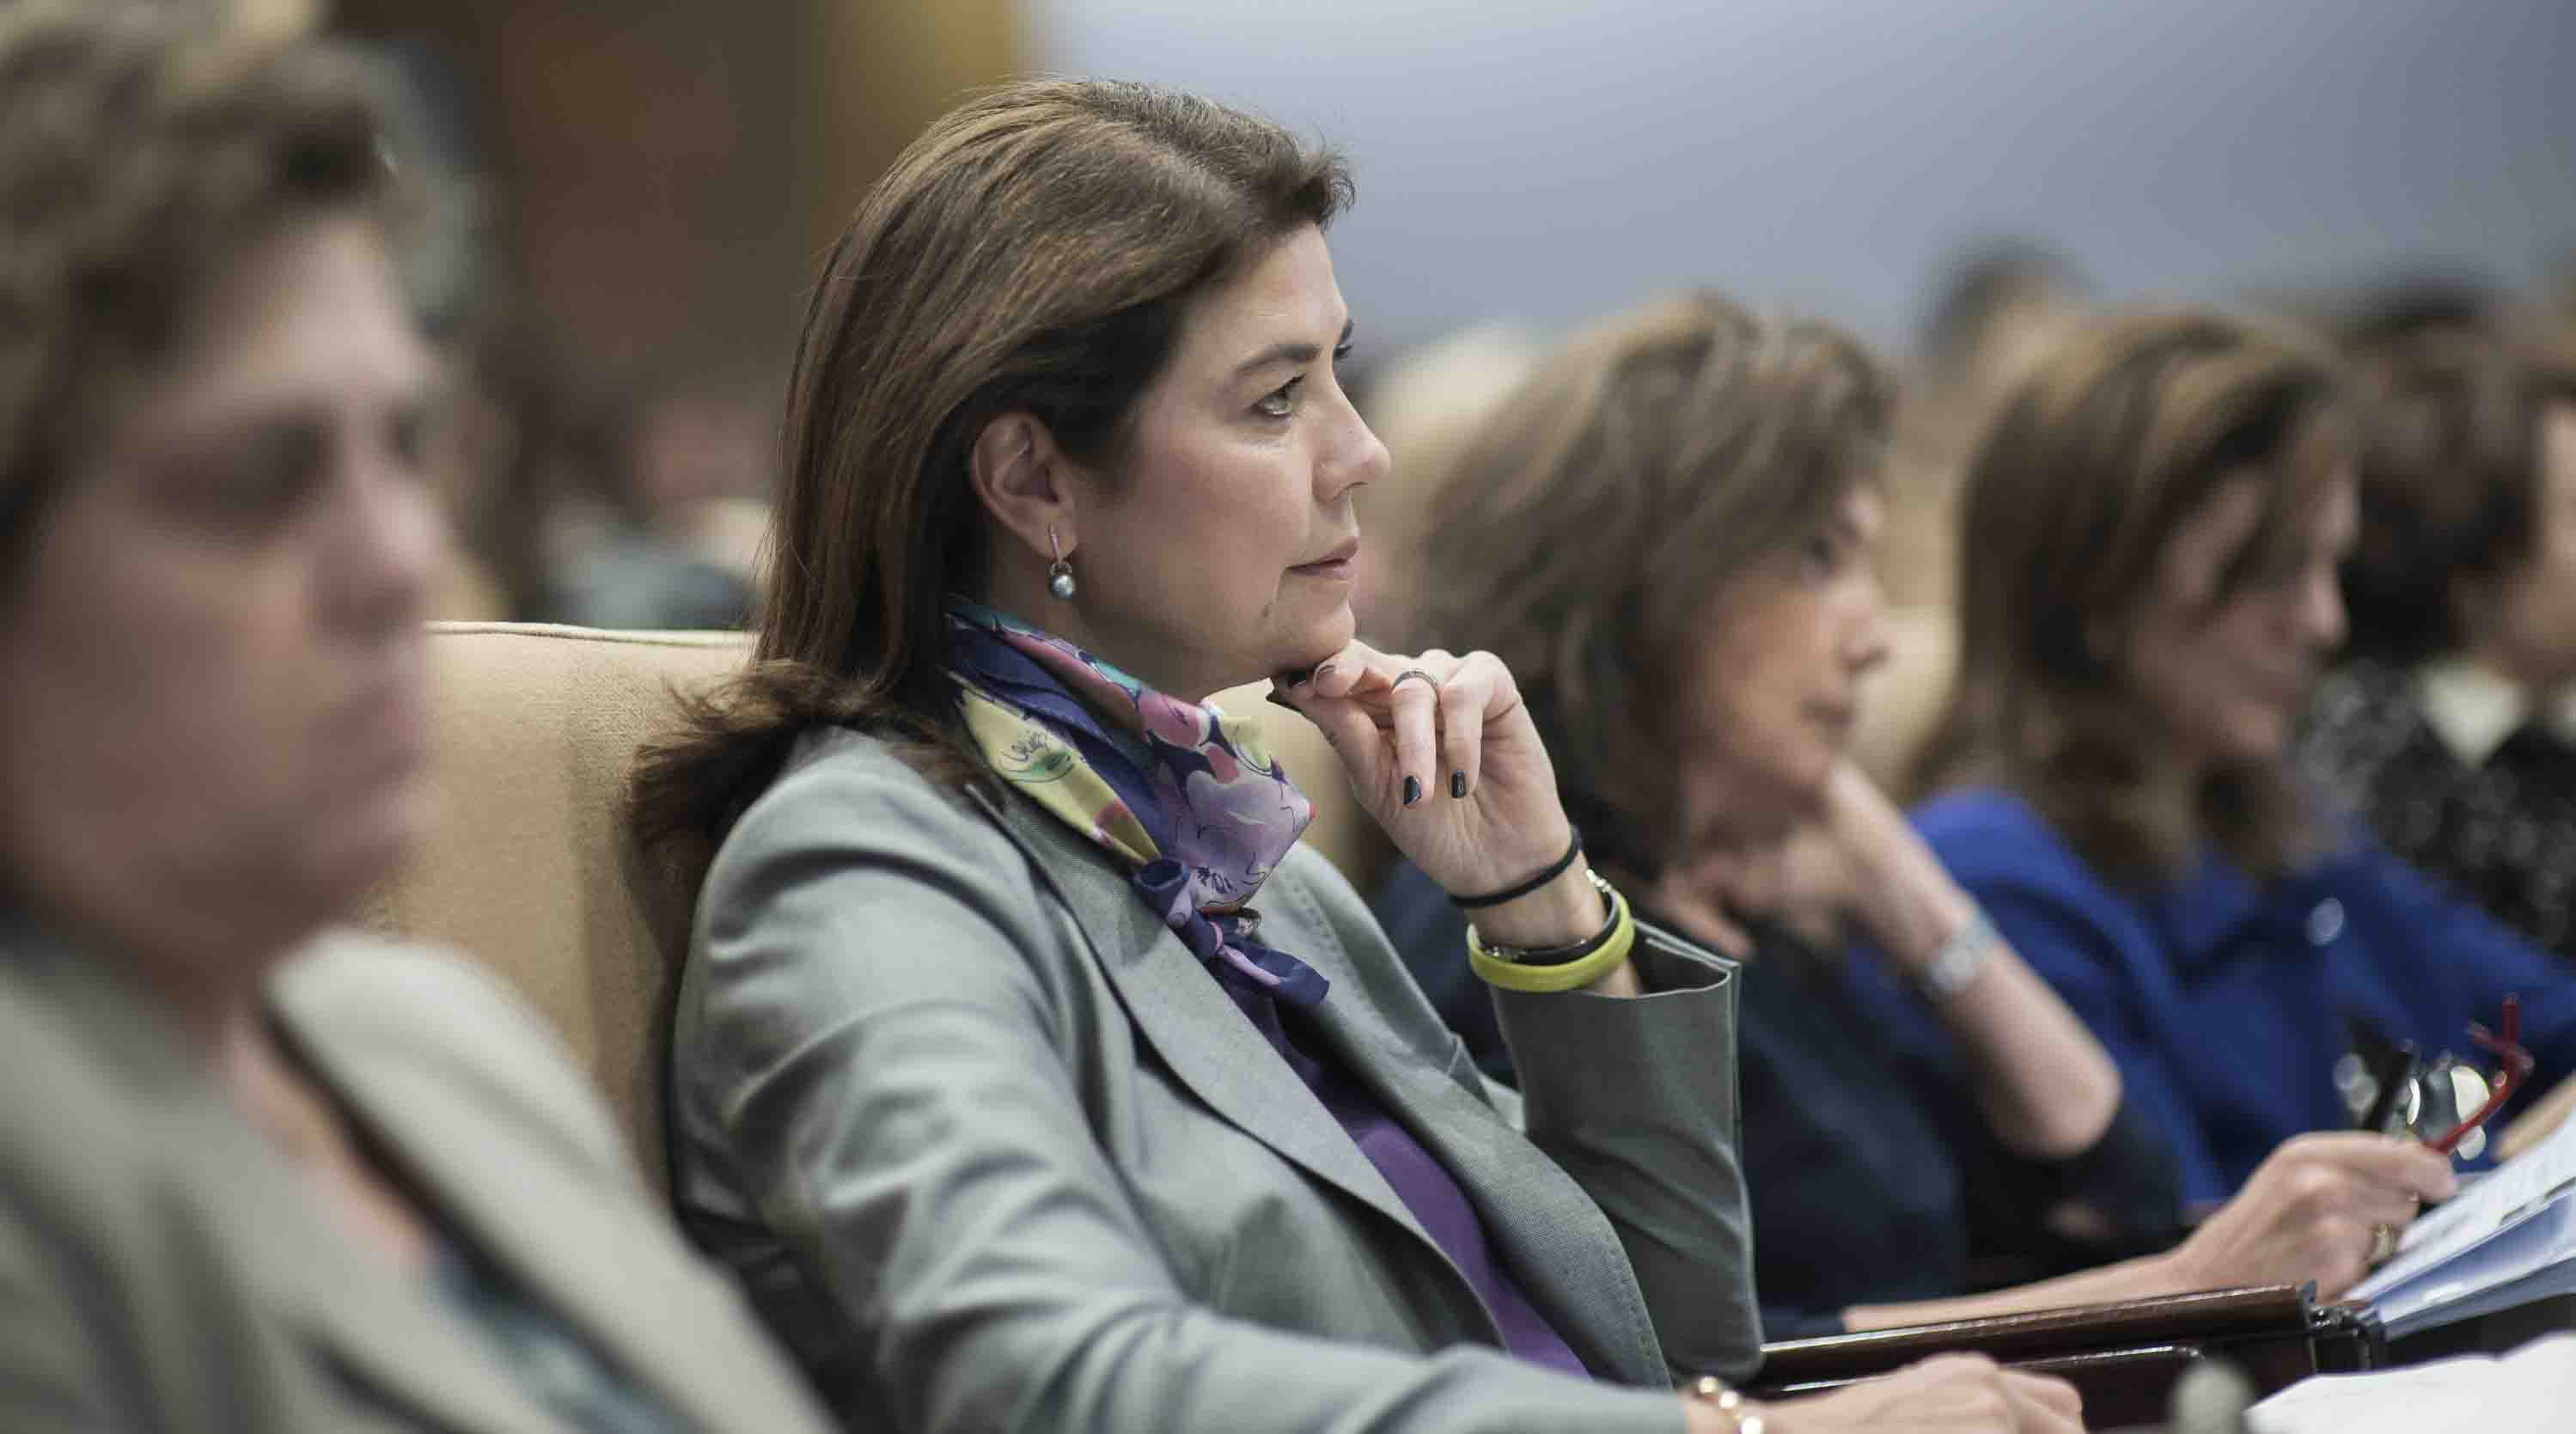 Las mujeres ganan terreno en los consejos de administración en España, pero la paridad aún queda lejos